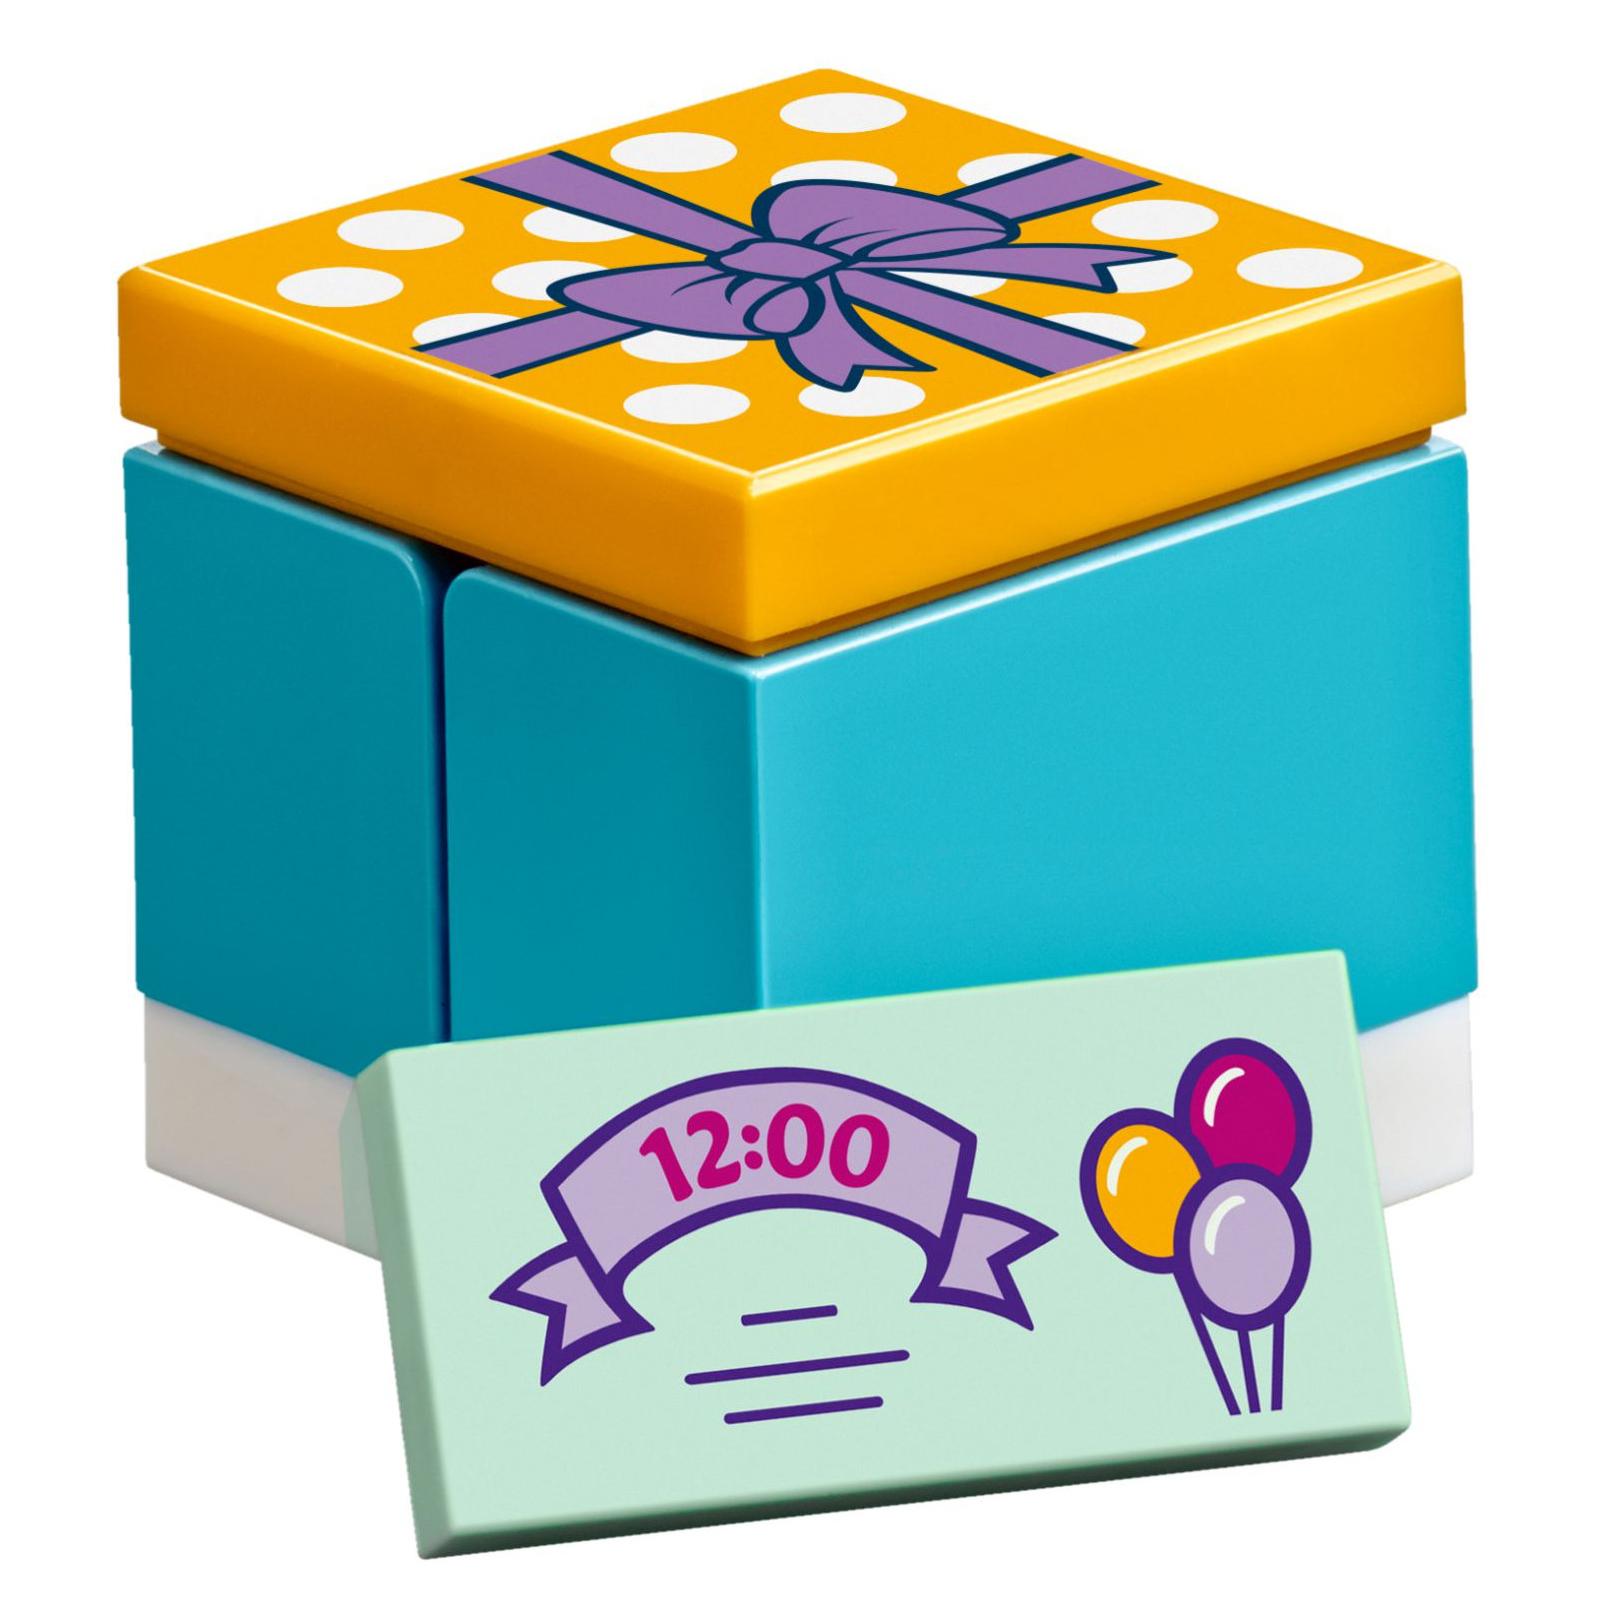 Конструктор LEGO Friends День рождения: магазин подарков (41113) изображение 7